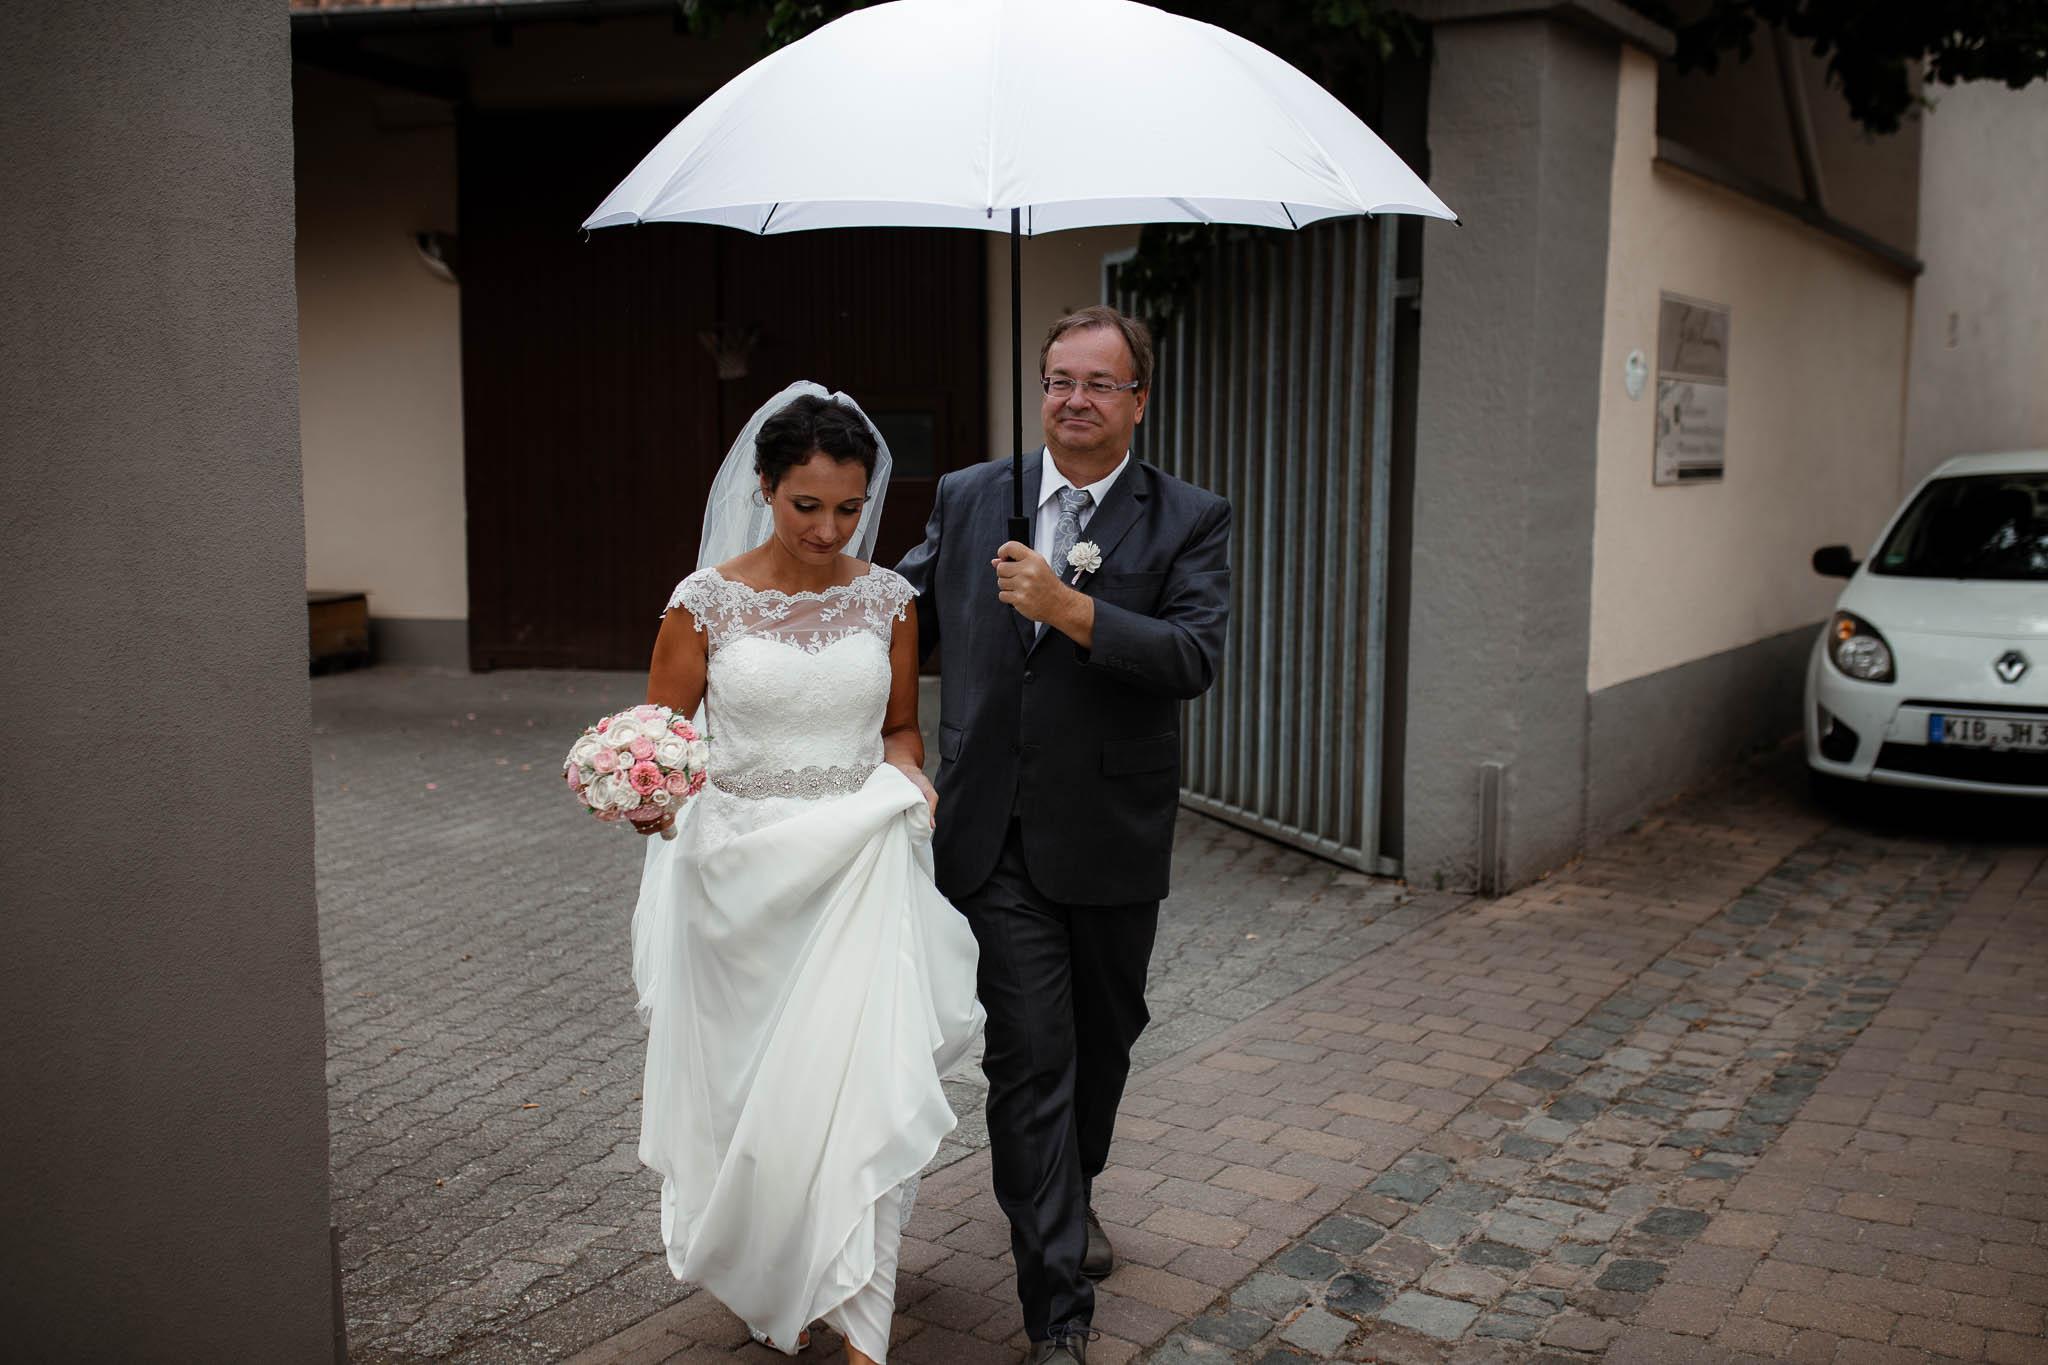 Hochzeitsfotograf Monzernheim: freie Trauung von Sarah & Patrick 16